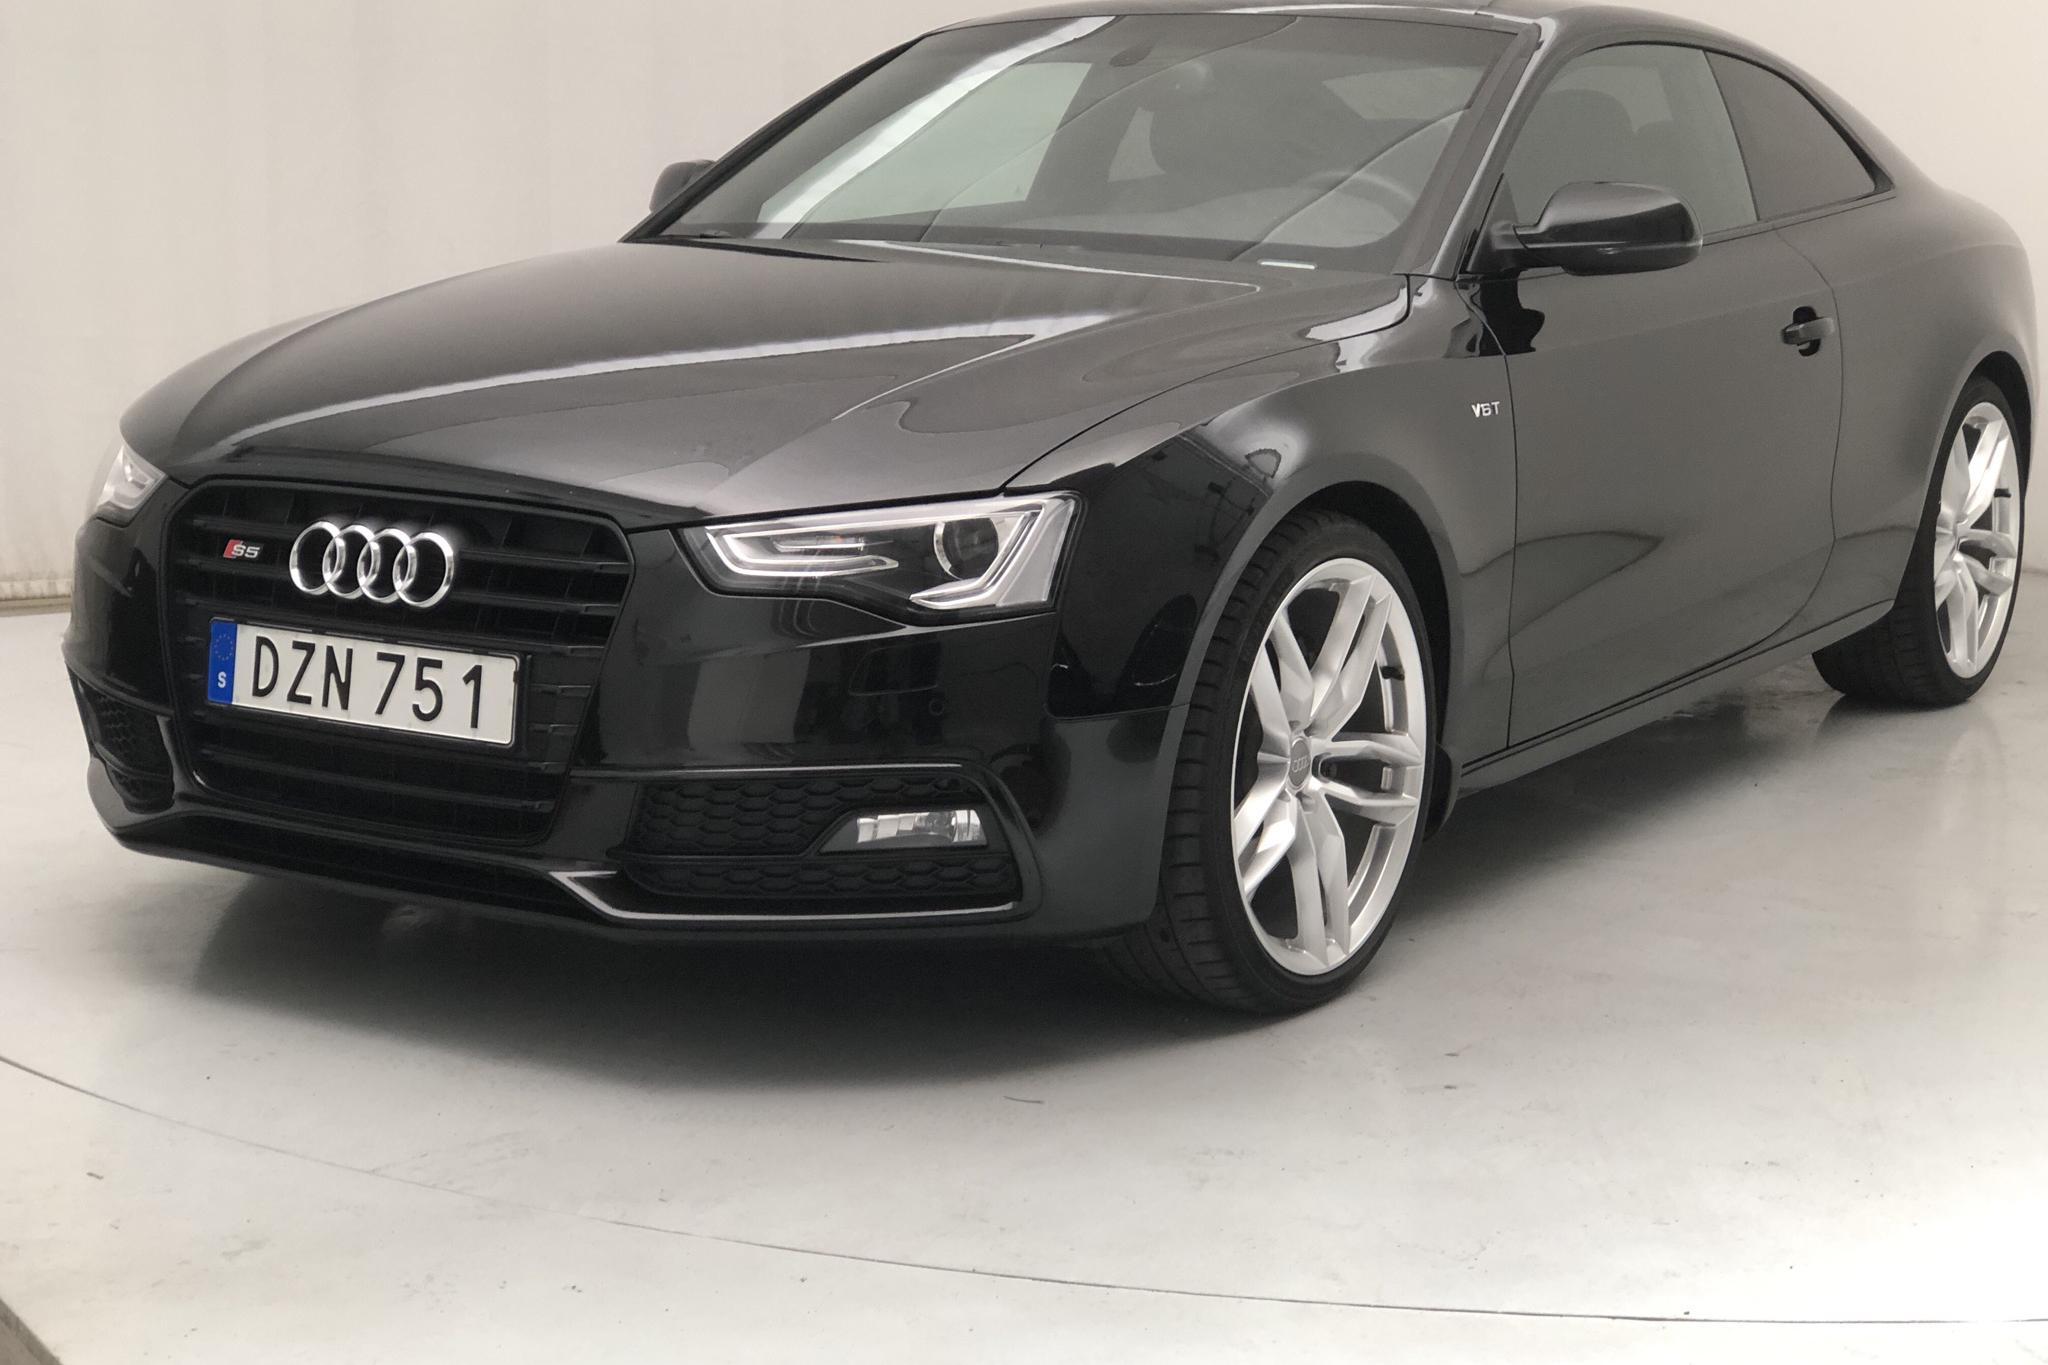 Audi S5 3.0 TFSI Coupé quattro (333hk)